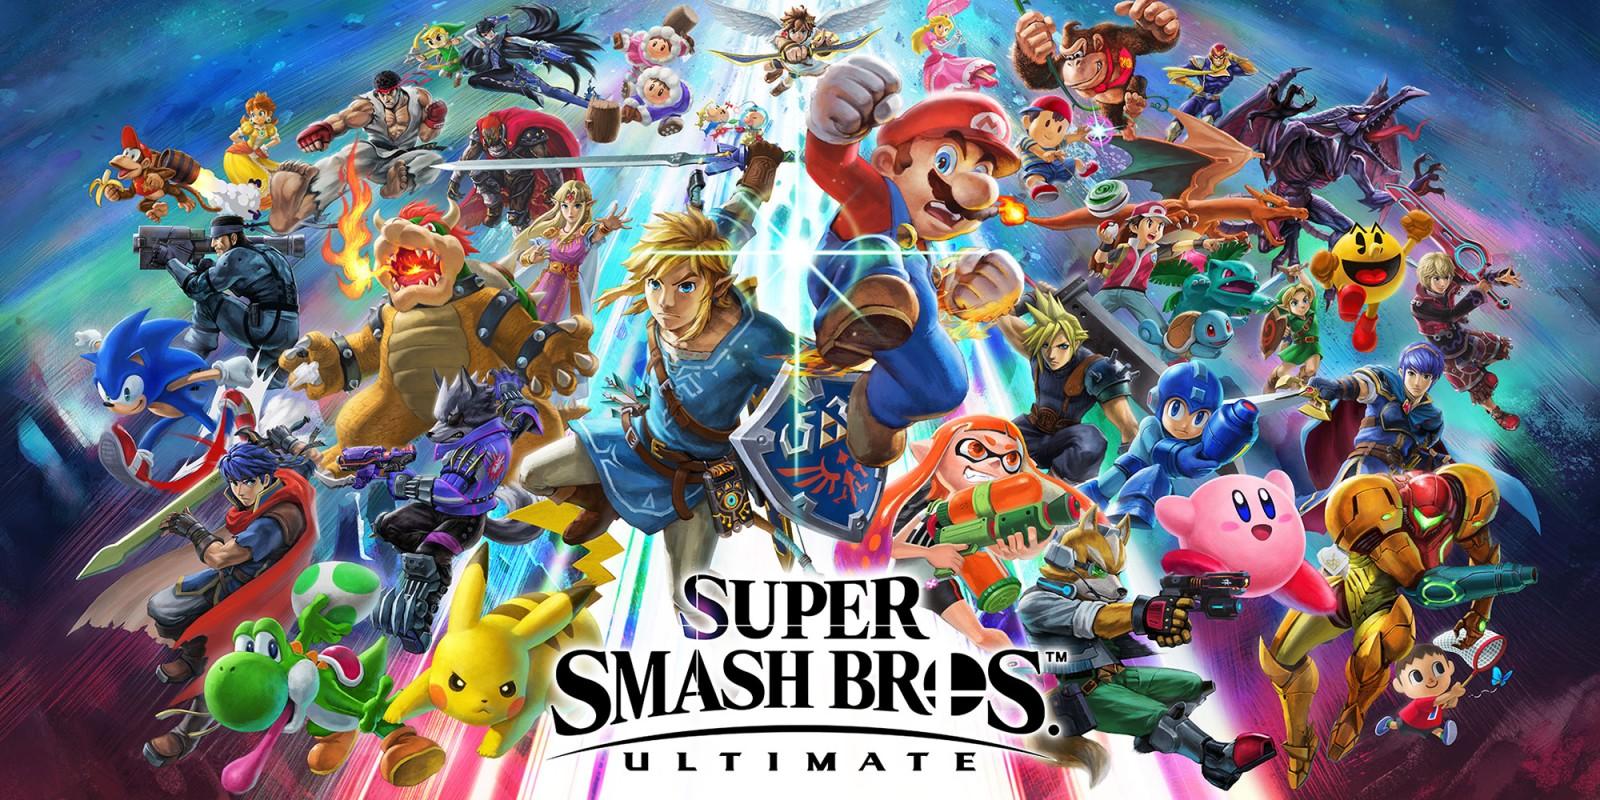 Come sbloccare personaggi super smash bros ultimate